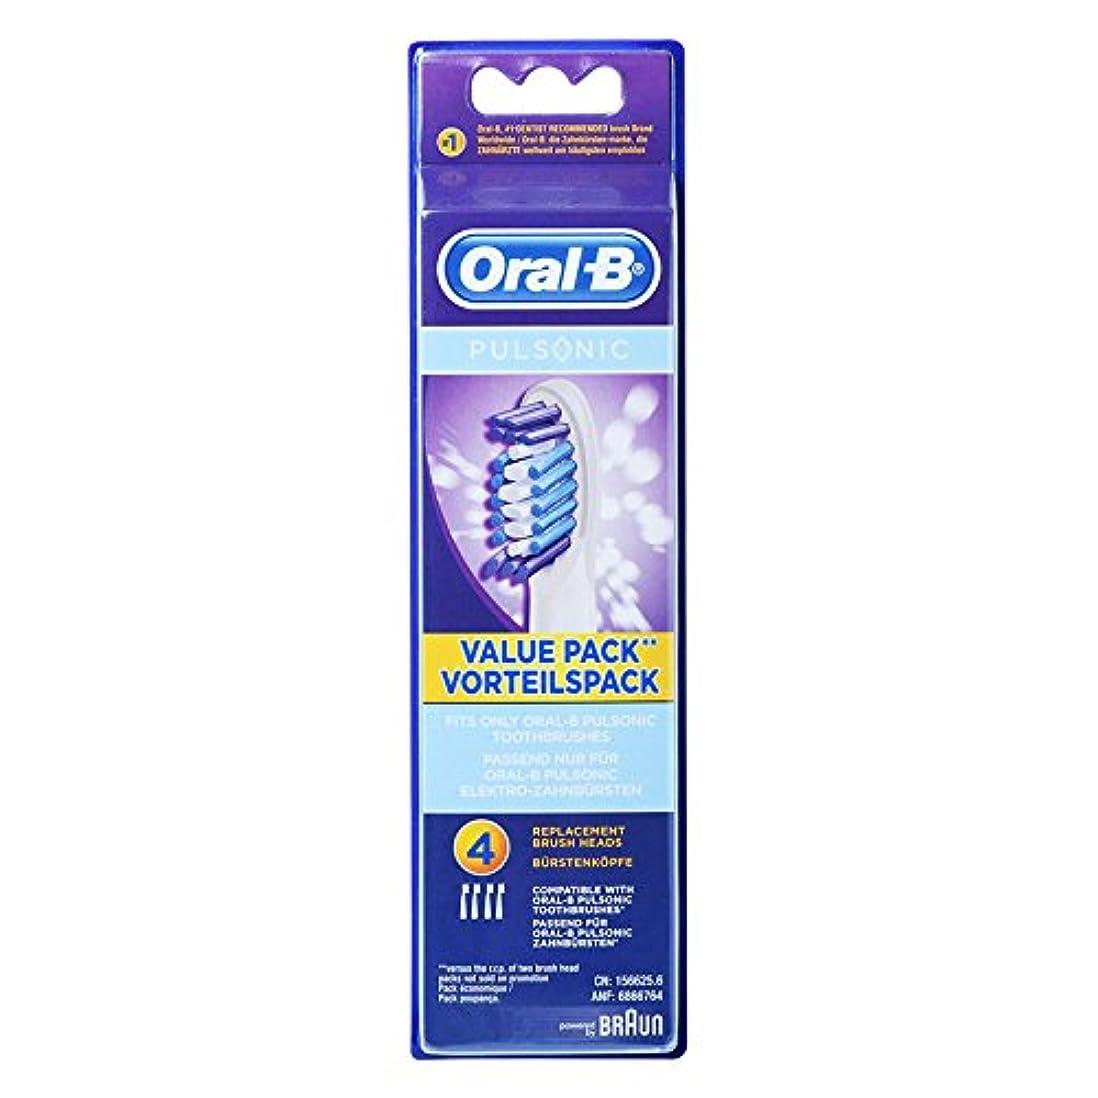 救援悪党気体のBraun Oral-B SR32-4 Pulsonic Value Pack 交換用ブラシヘッド 1Pack [並行輸入品]